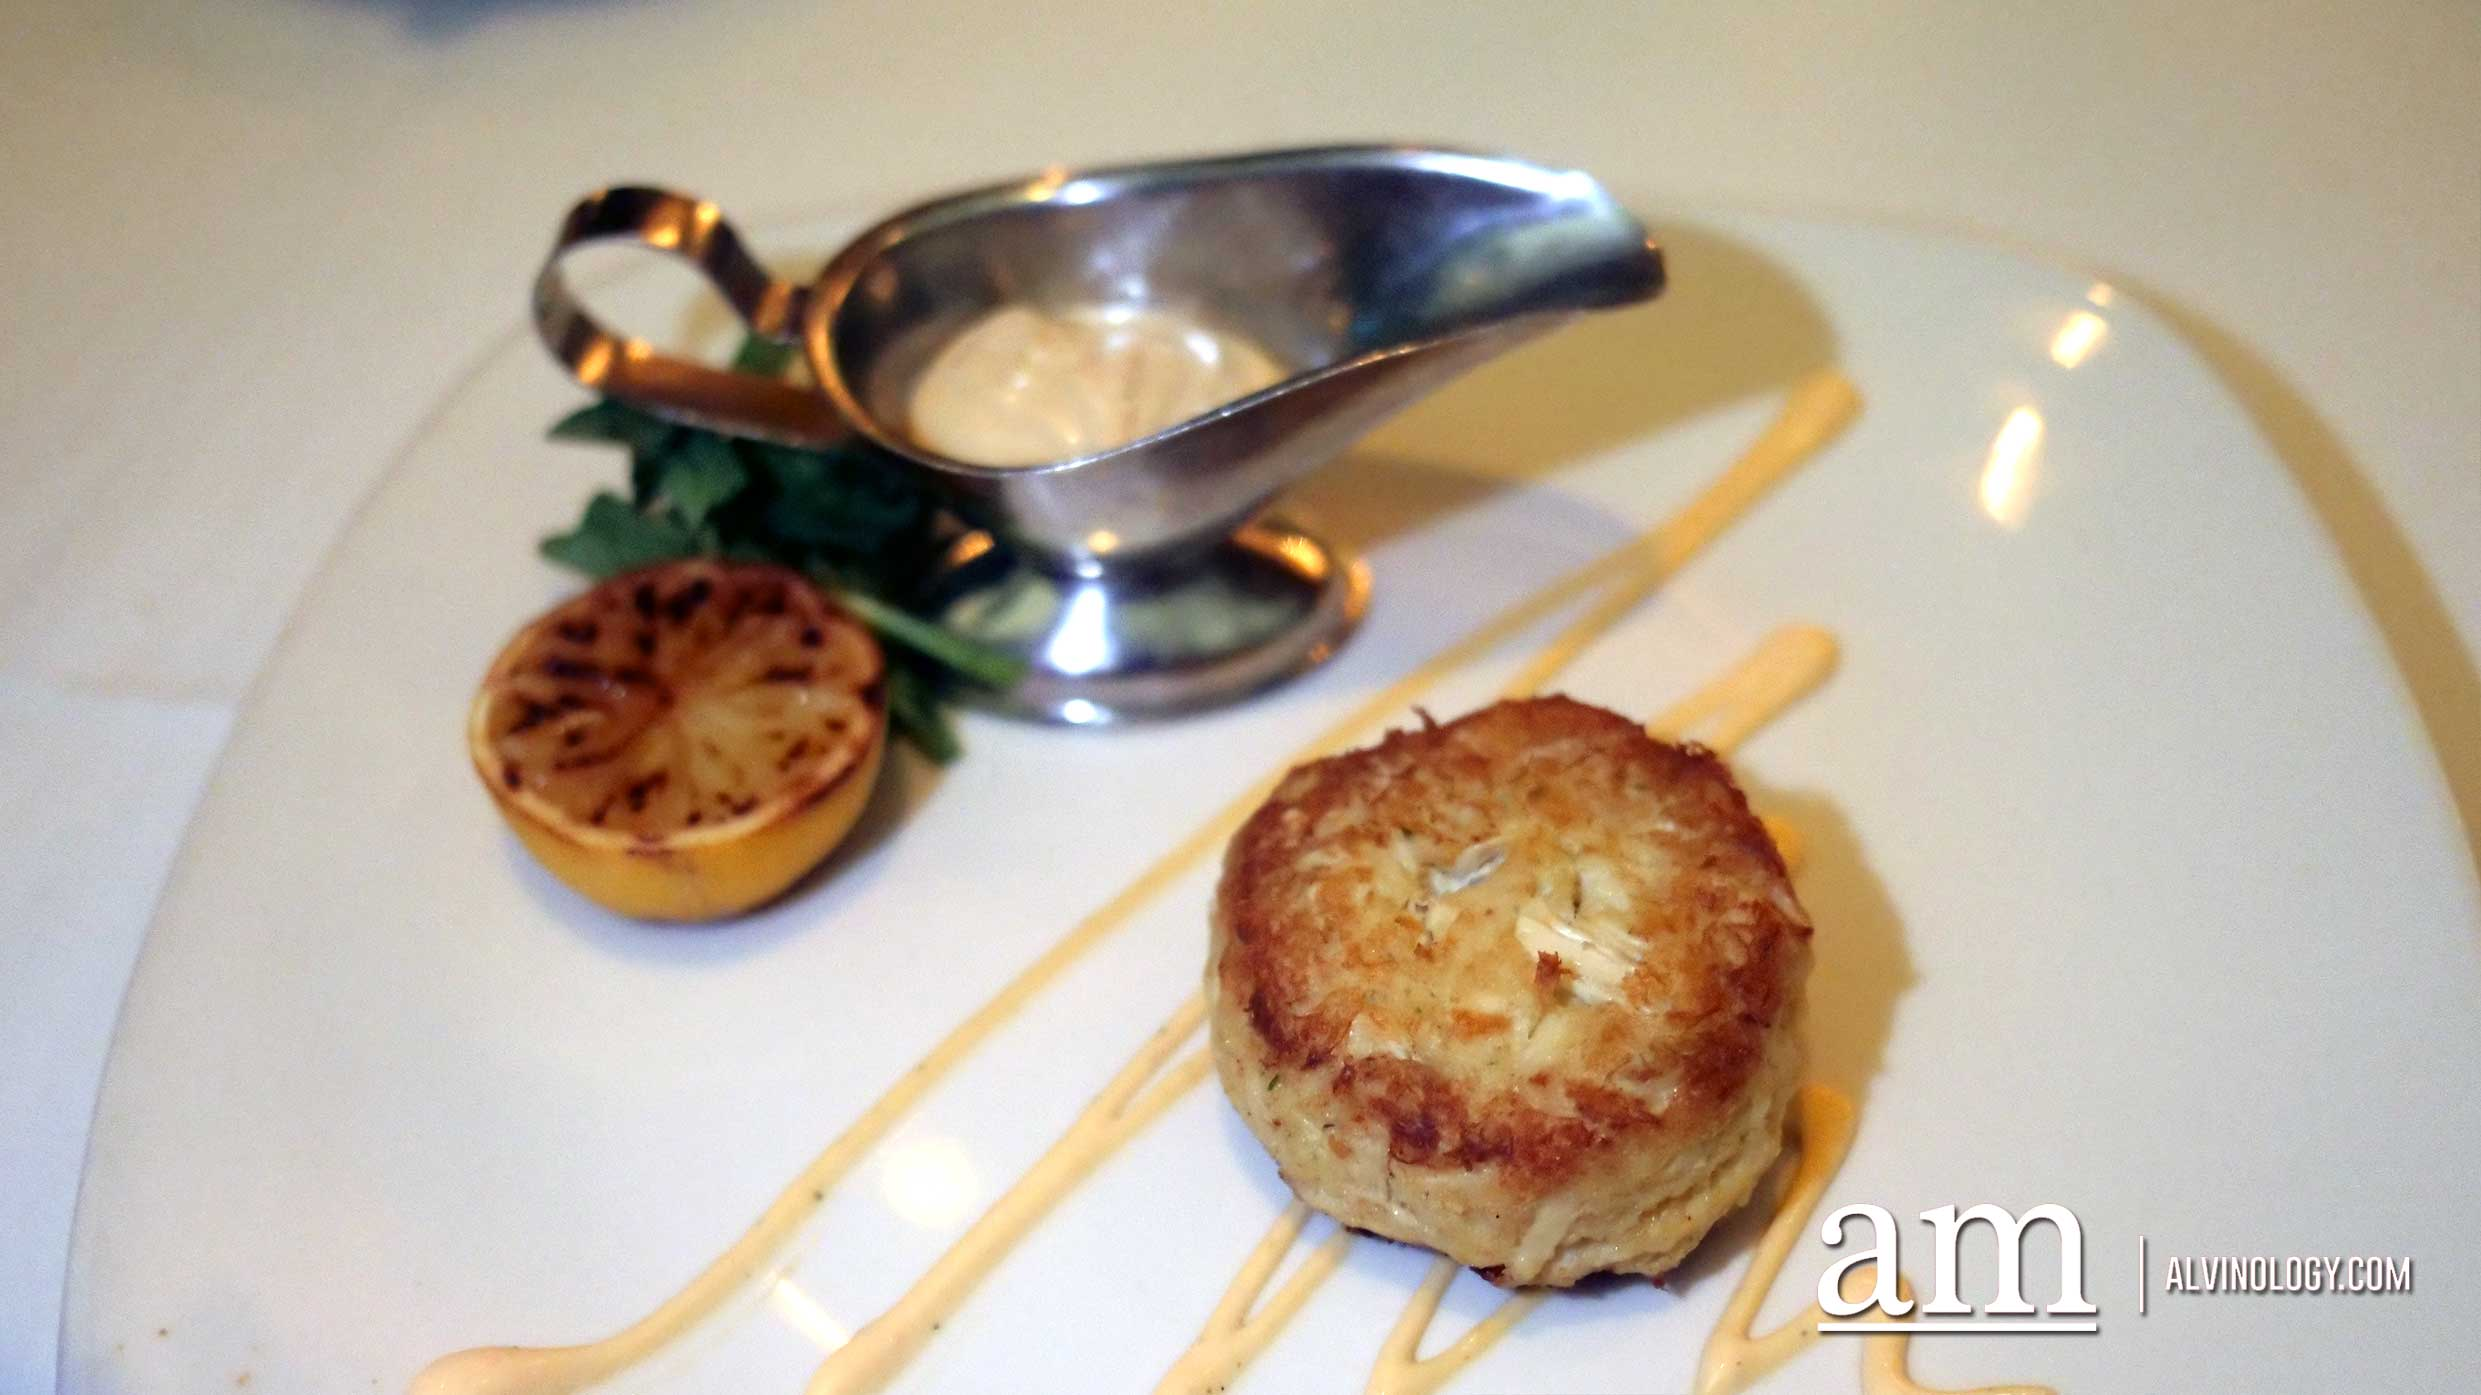 7. Jumbo Lump Crab Cake